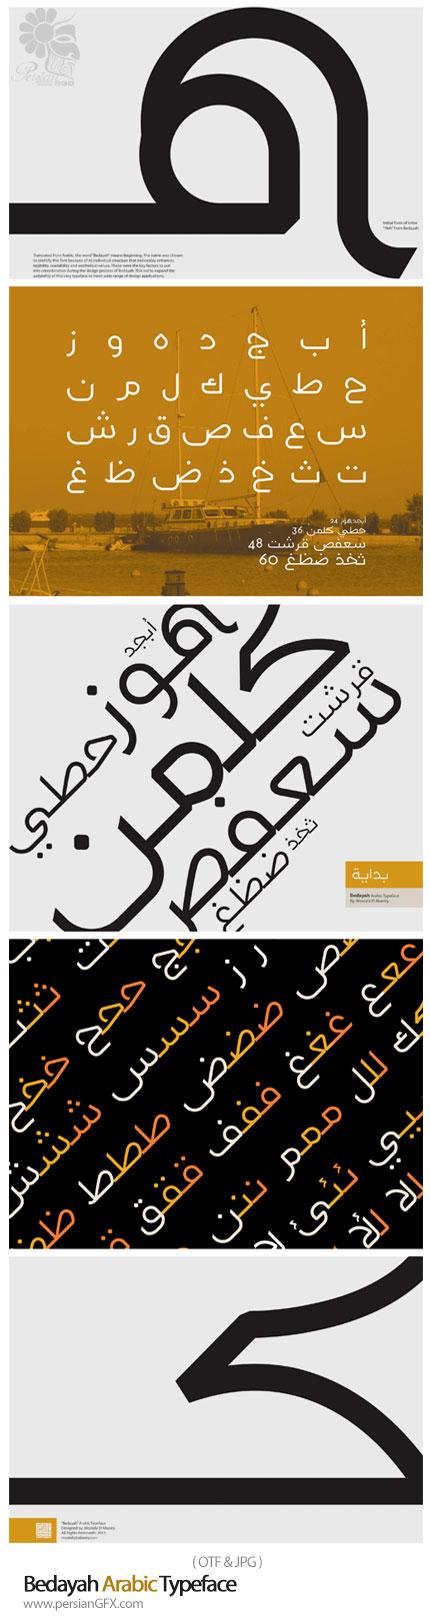 دانلود فونت عربی بدایه - Bedayah Arabic Typeface